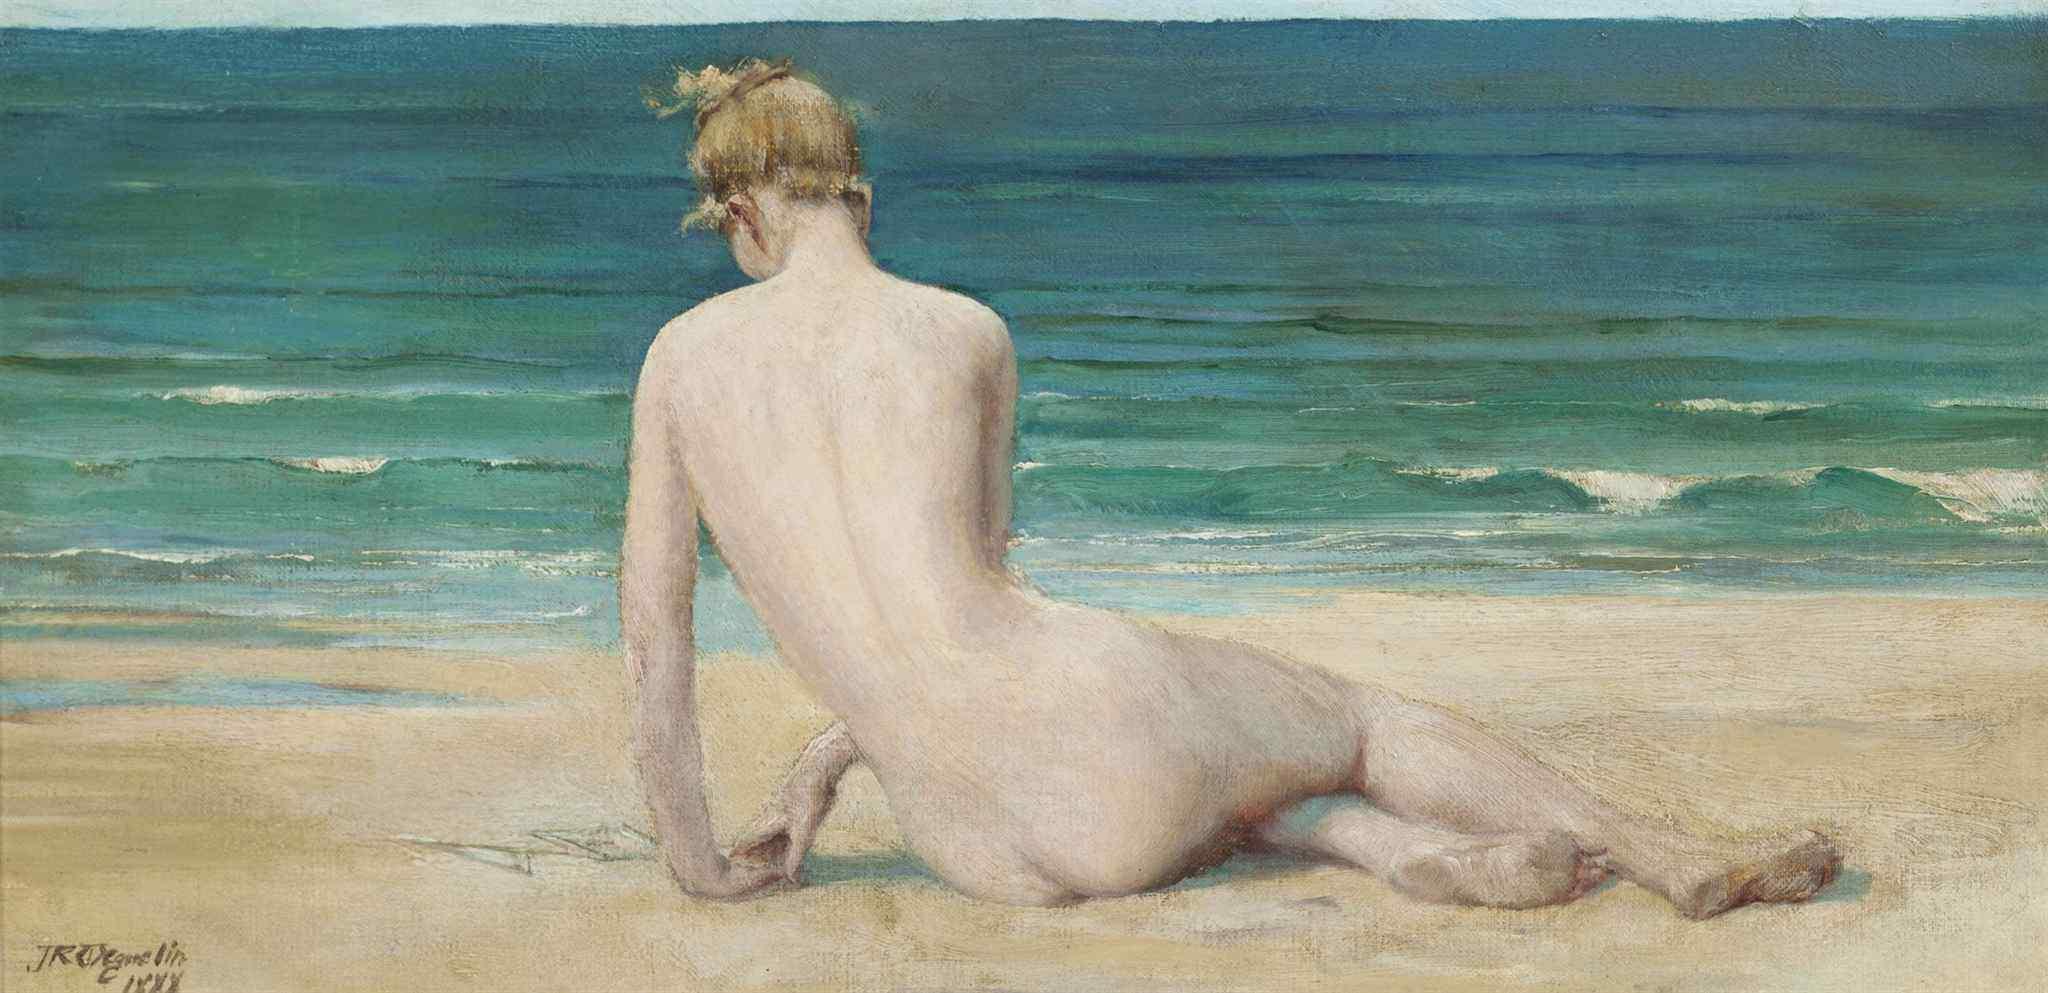 John Reinhard Weguelin, 1849-1927. Обнаженная на берегу. 1888. 25.4 x 51.4 см. Частная коллекция